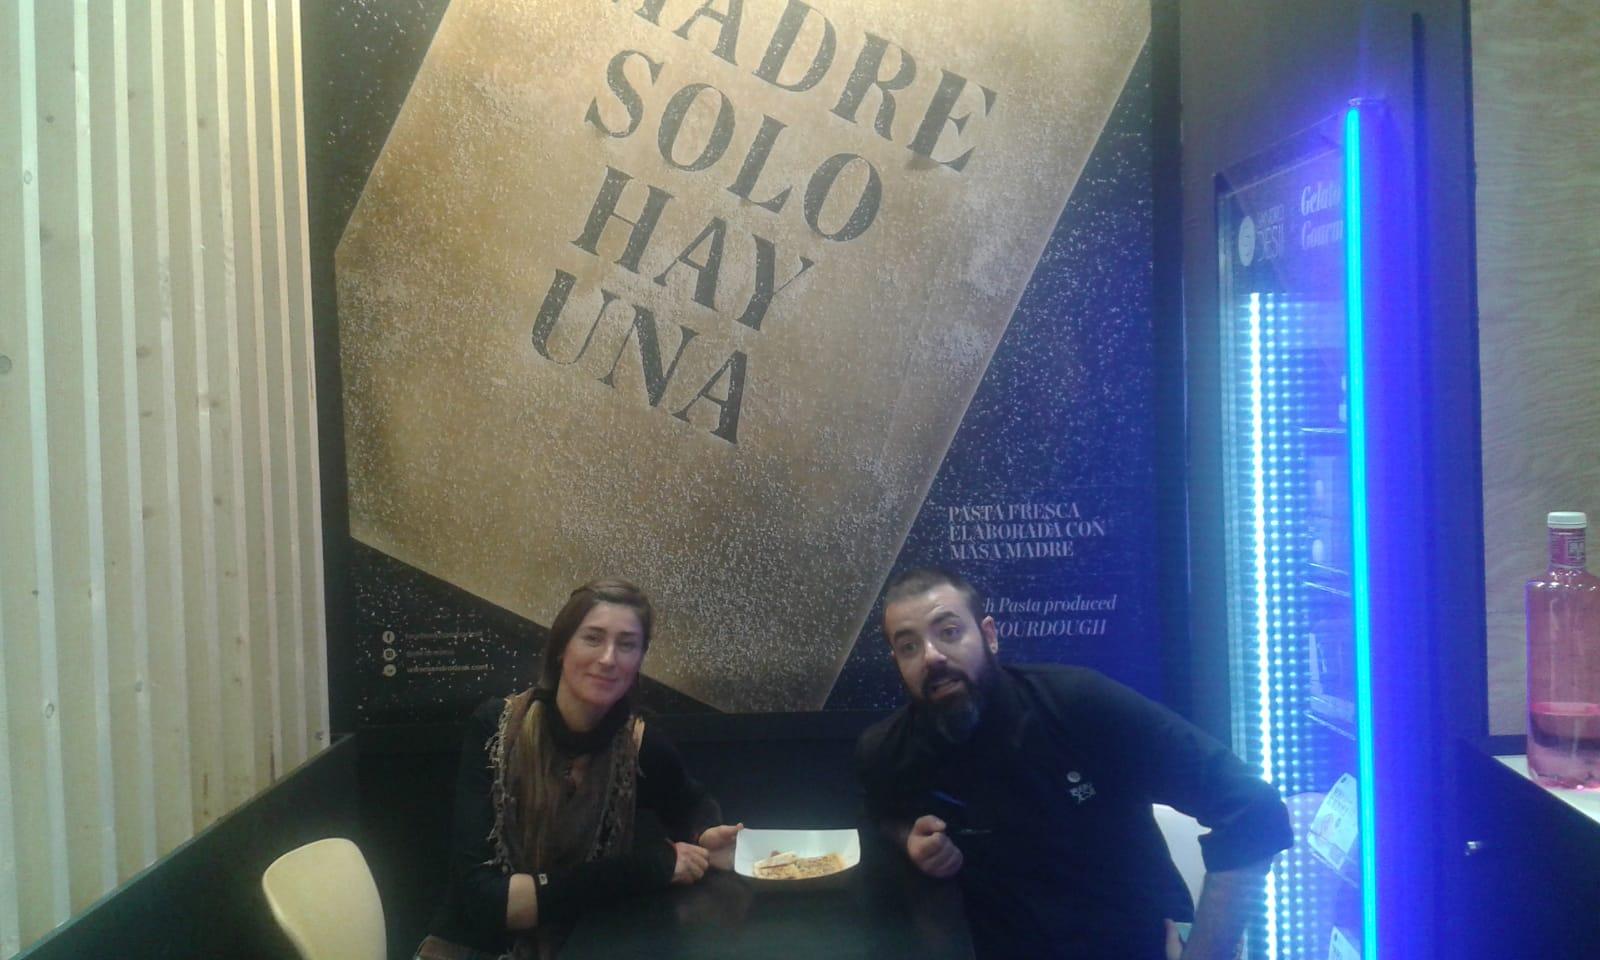 Sandri Desii en Alimentaria 2018